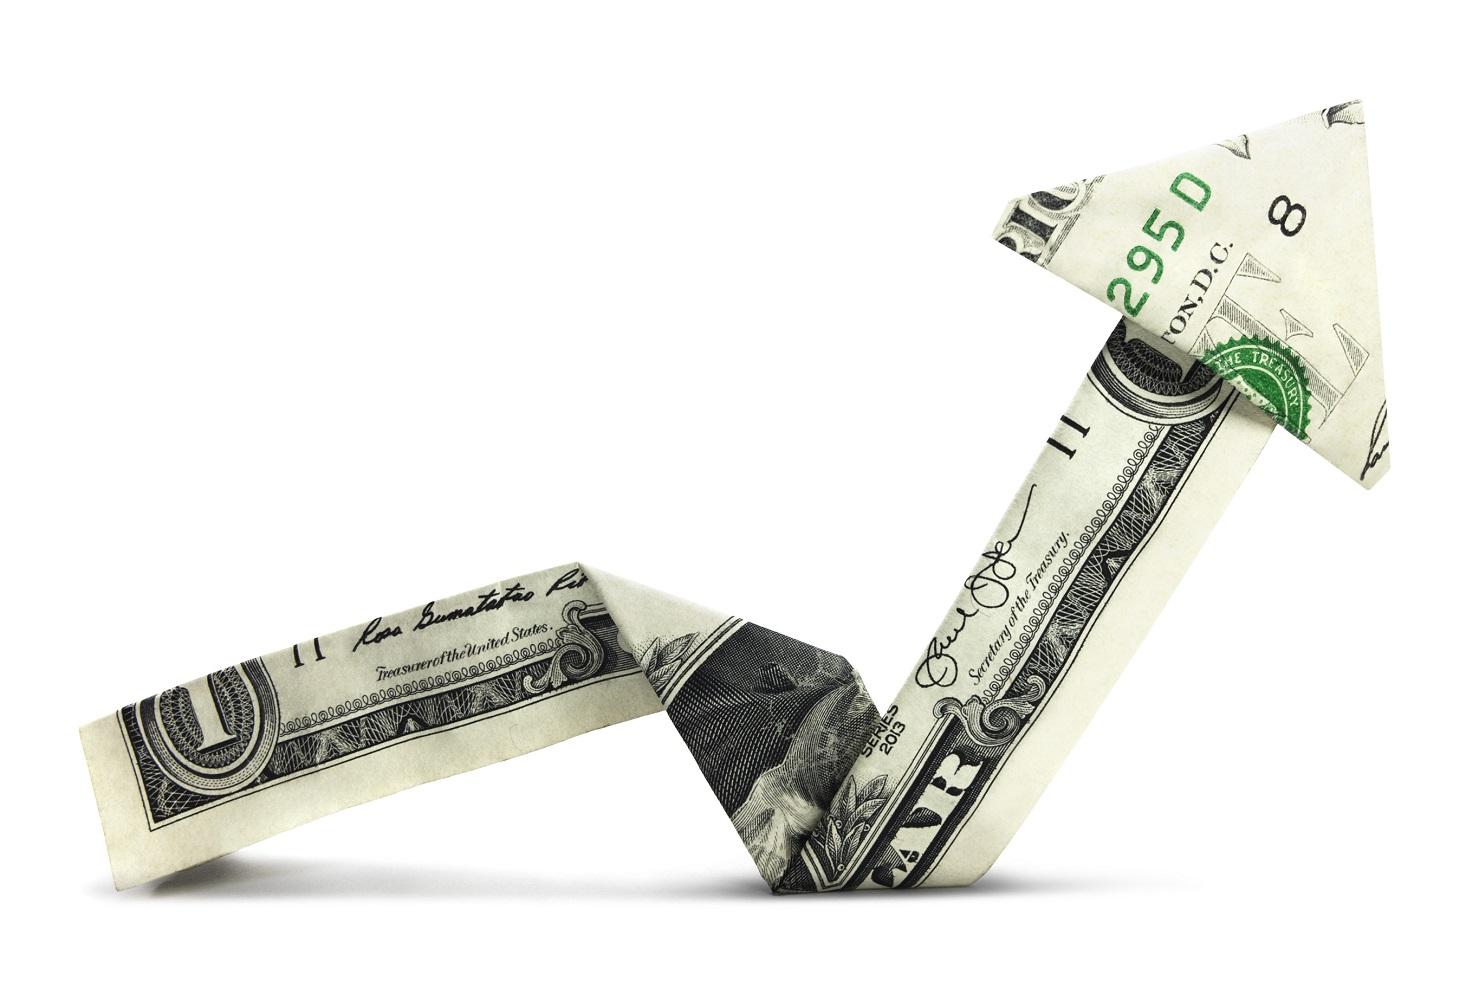 Dollar bill folded into an arrow.